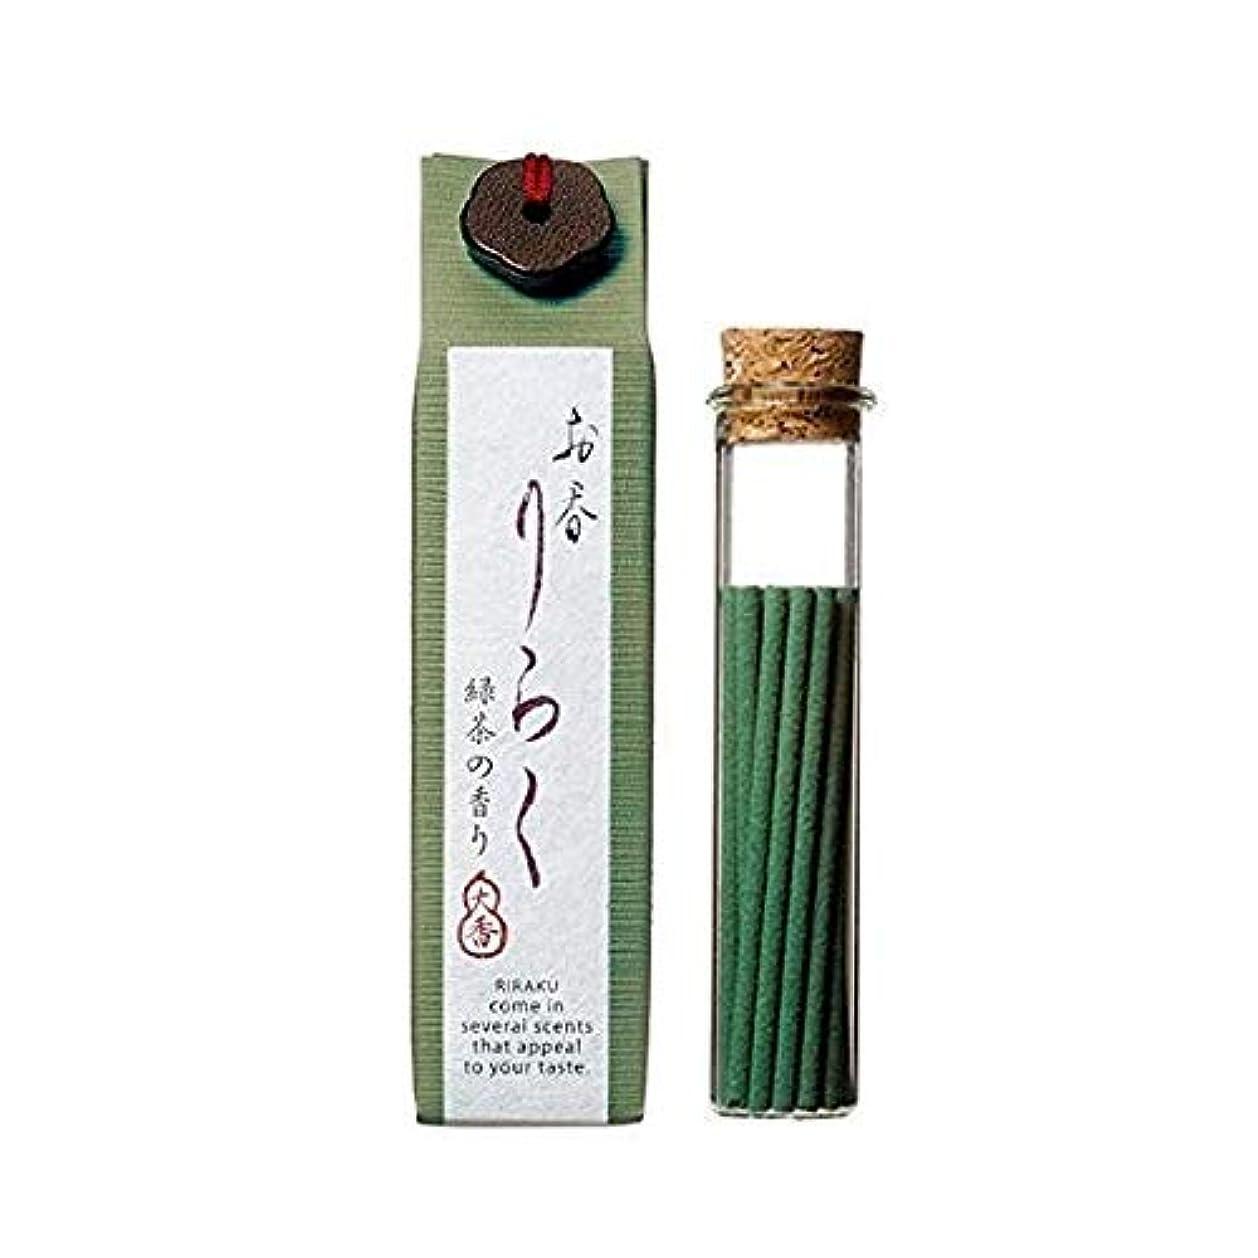 組み立てるできたメンタリティお香 りらく 緑茶 15本入